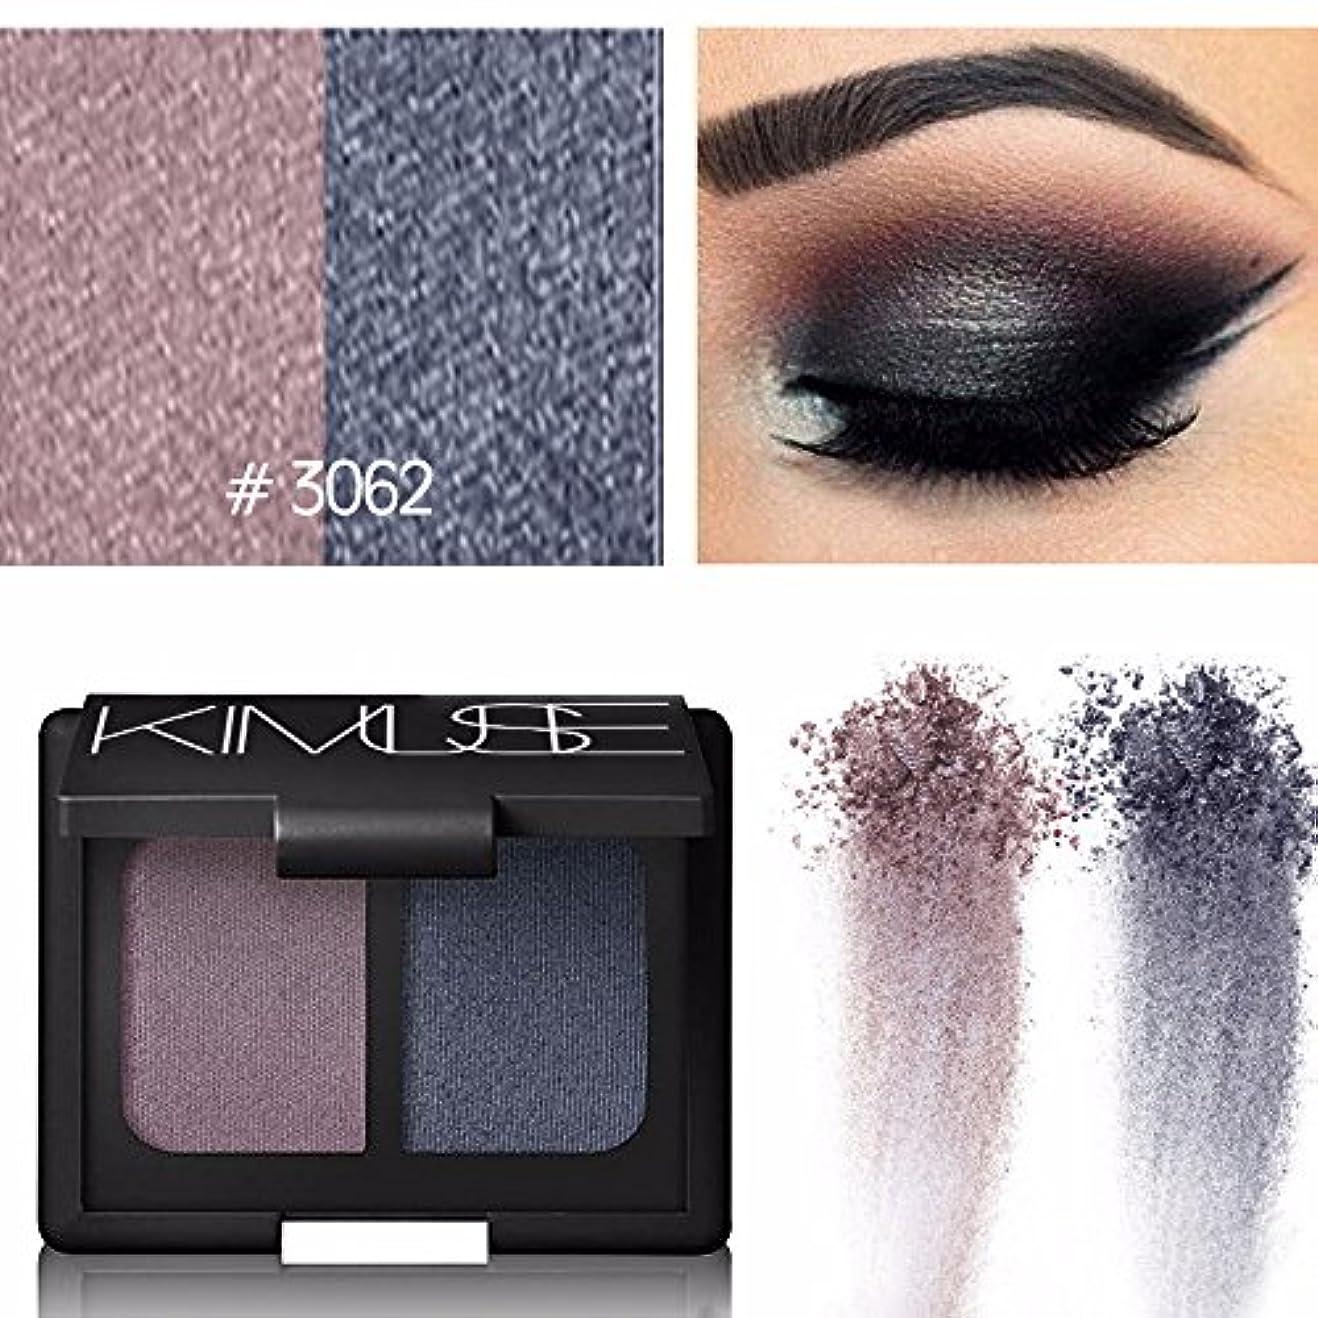 キャメルアジャスナップAkane アイシャドウパレット KIMUSE ファッション 魅力的 気質的 人気 綺麗 マット チャーム つや消し 長持ち おしゃれ 持ち便利 Eye Shadow (2色5組み)